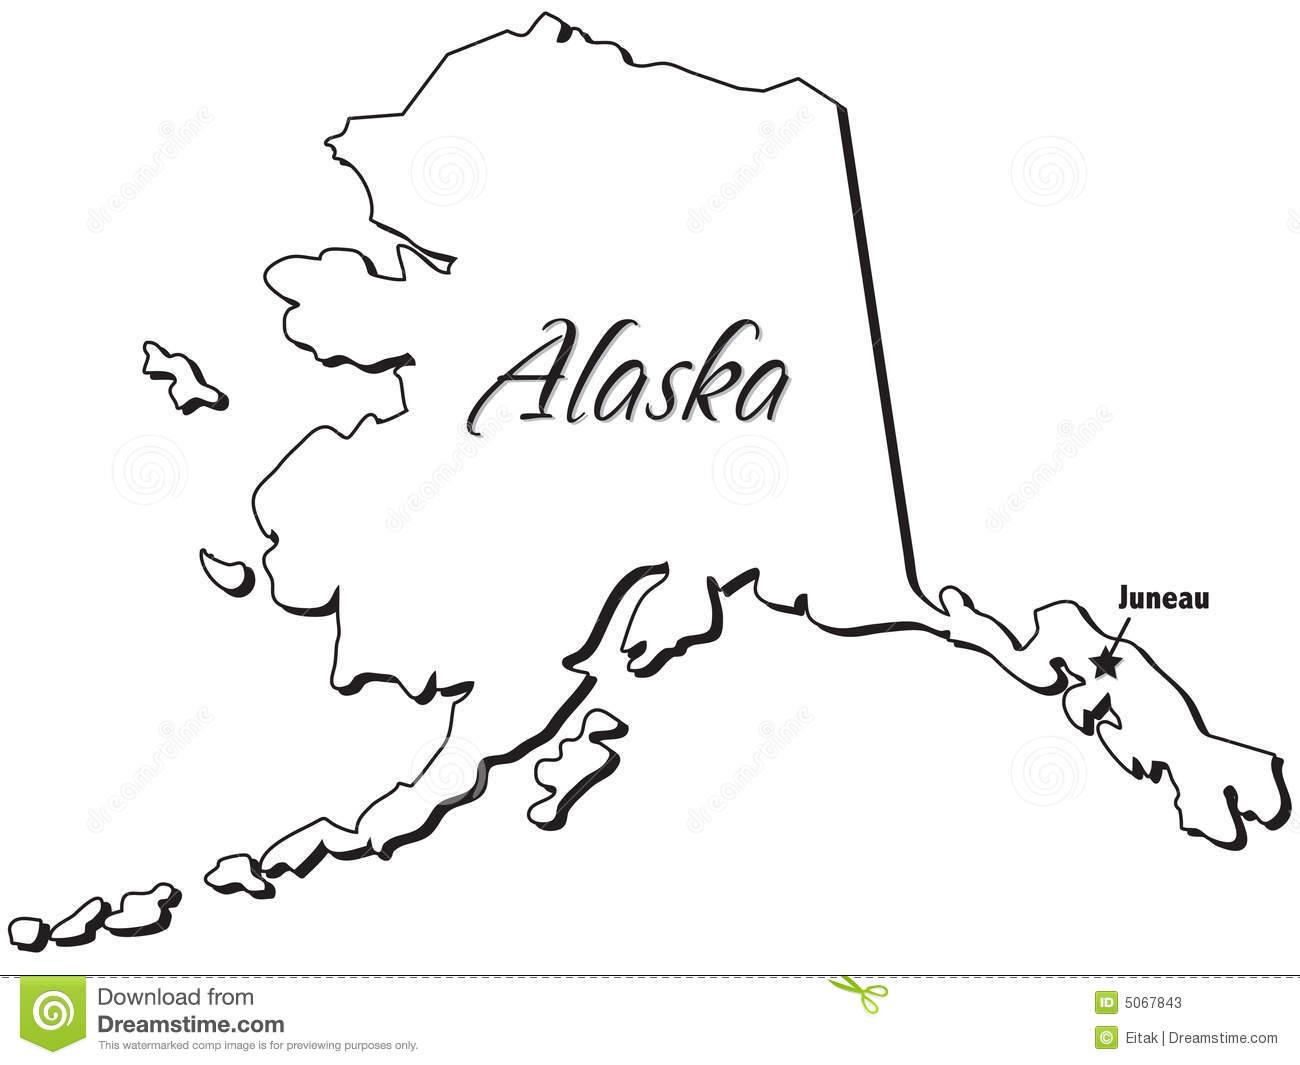 Alaska coloring #11, Download drawings